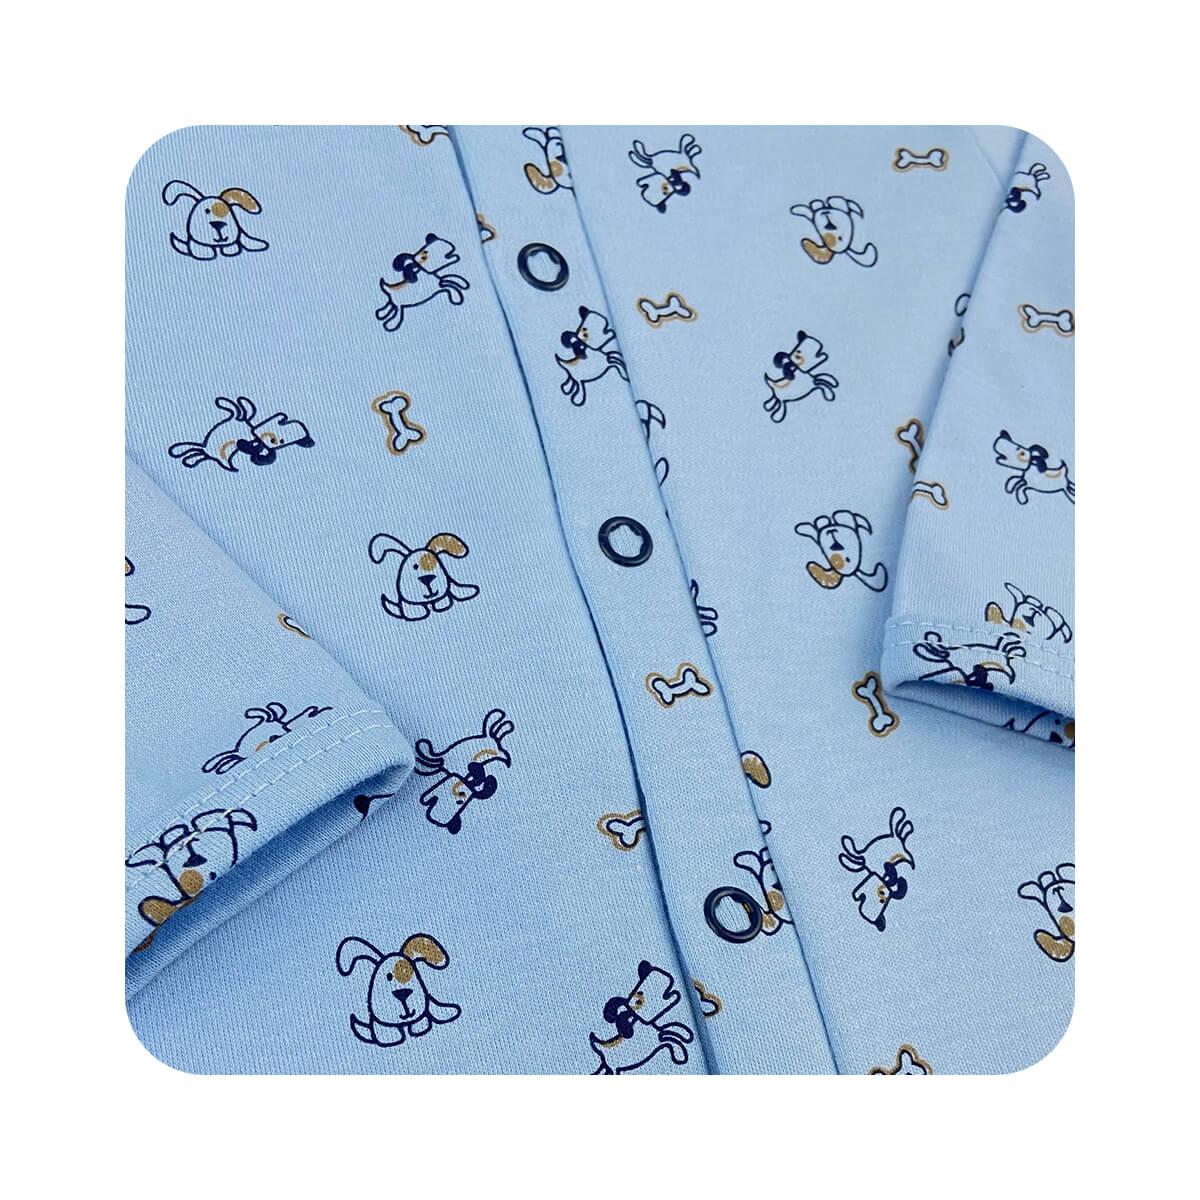 Macacão Bebê Básico Cachorrinho Azul - Tamanhos RN e P com pezinho; M, G e XG sem pezinho  - Piu Blu